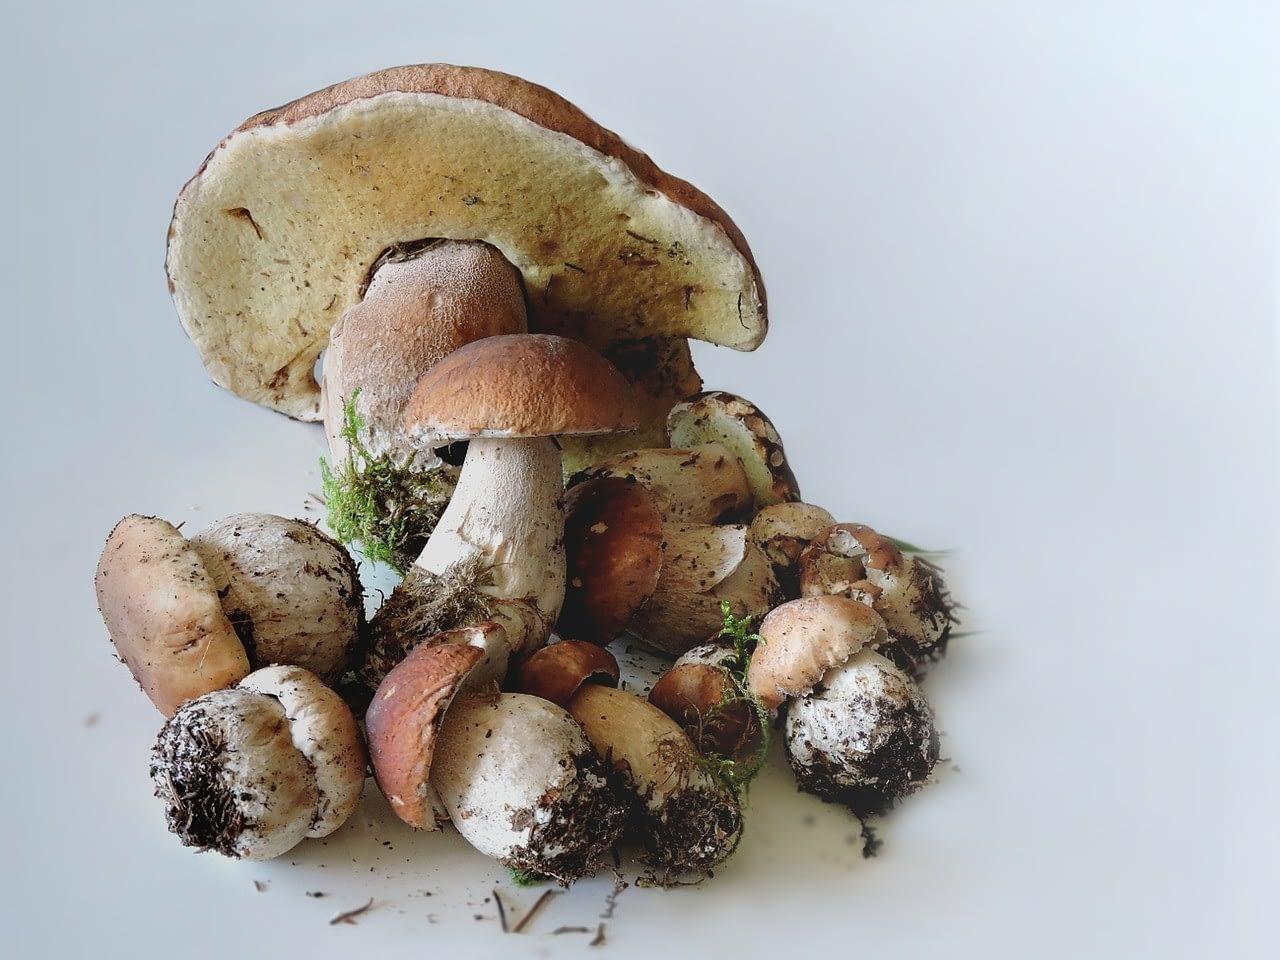 белые грибы относятся к боровикам